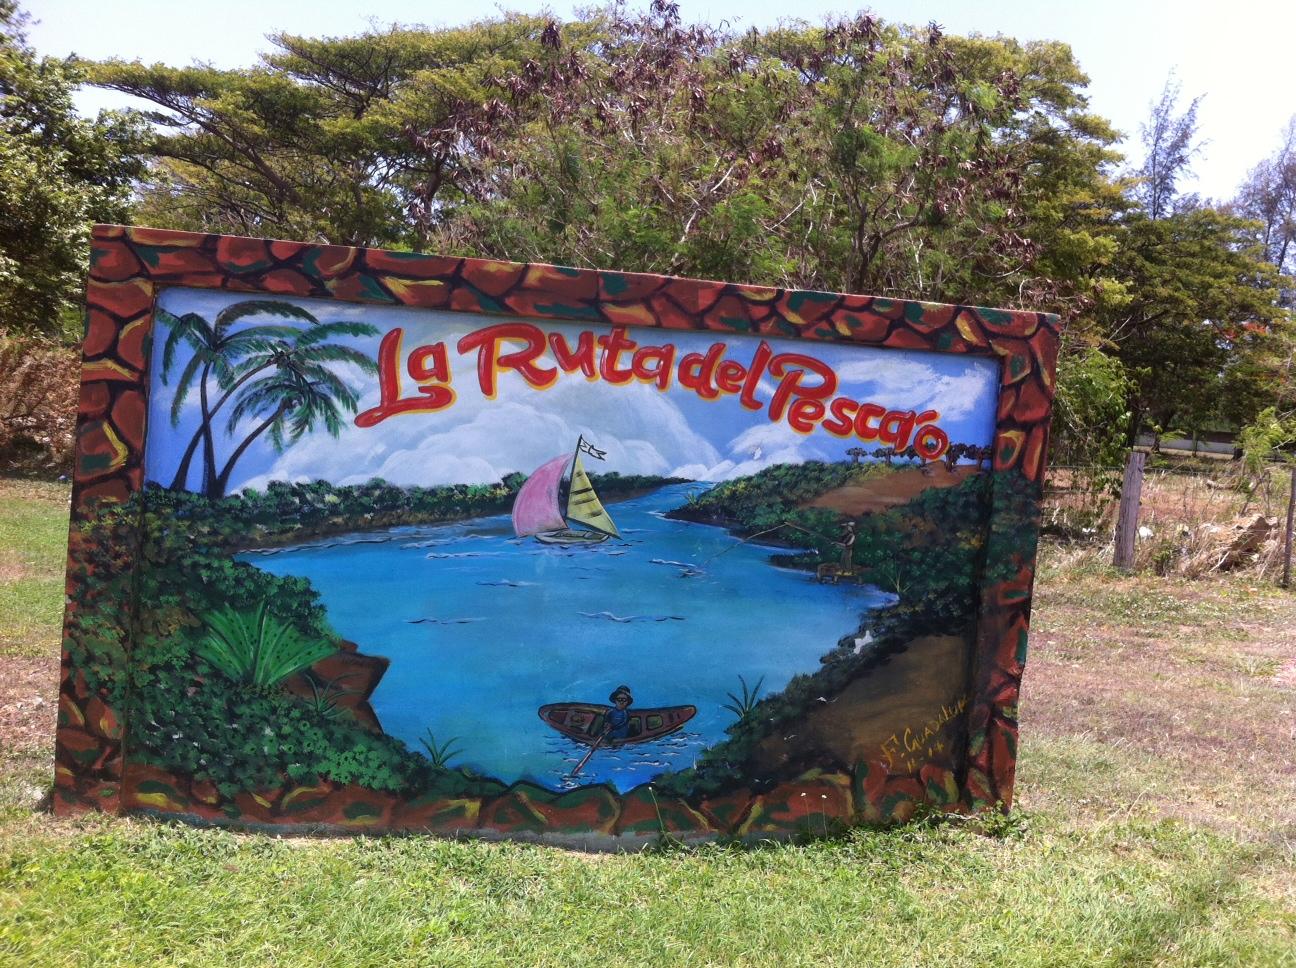 En nuestro primer día degustamos parte de la gastronomía de  Guayama . La Península de Pozuelo es conocida como la ruta del pescao'.En la Villa Pesquera y en los restaurantes cercanos consigues mero, pargo o colirrubia frescos. Foto: Bruny Nieves